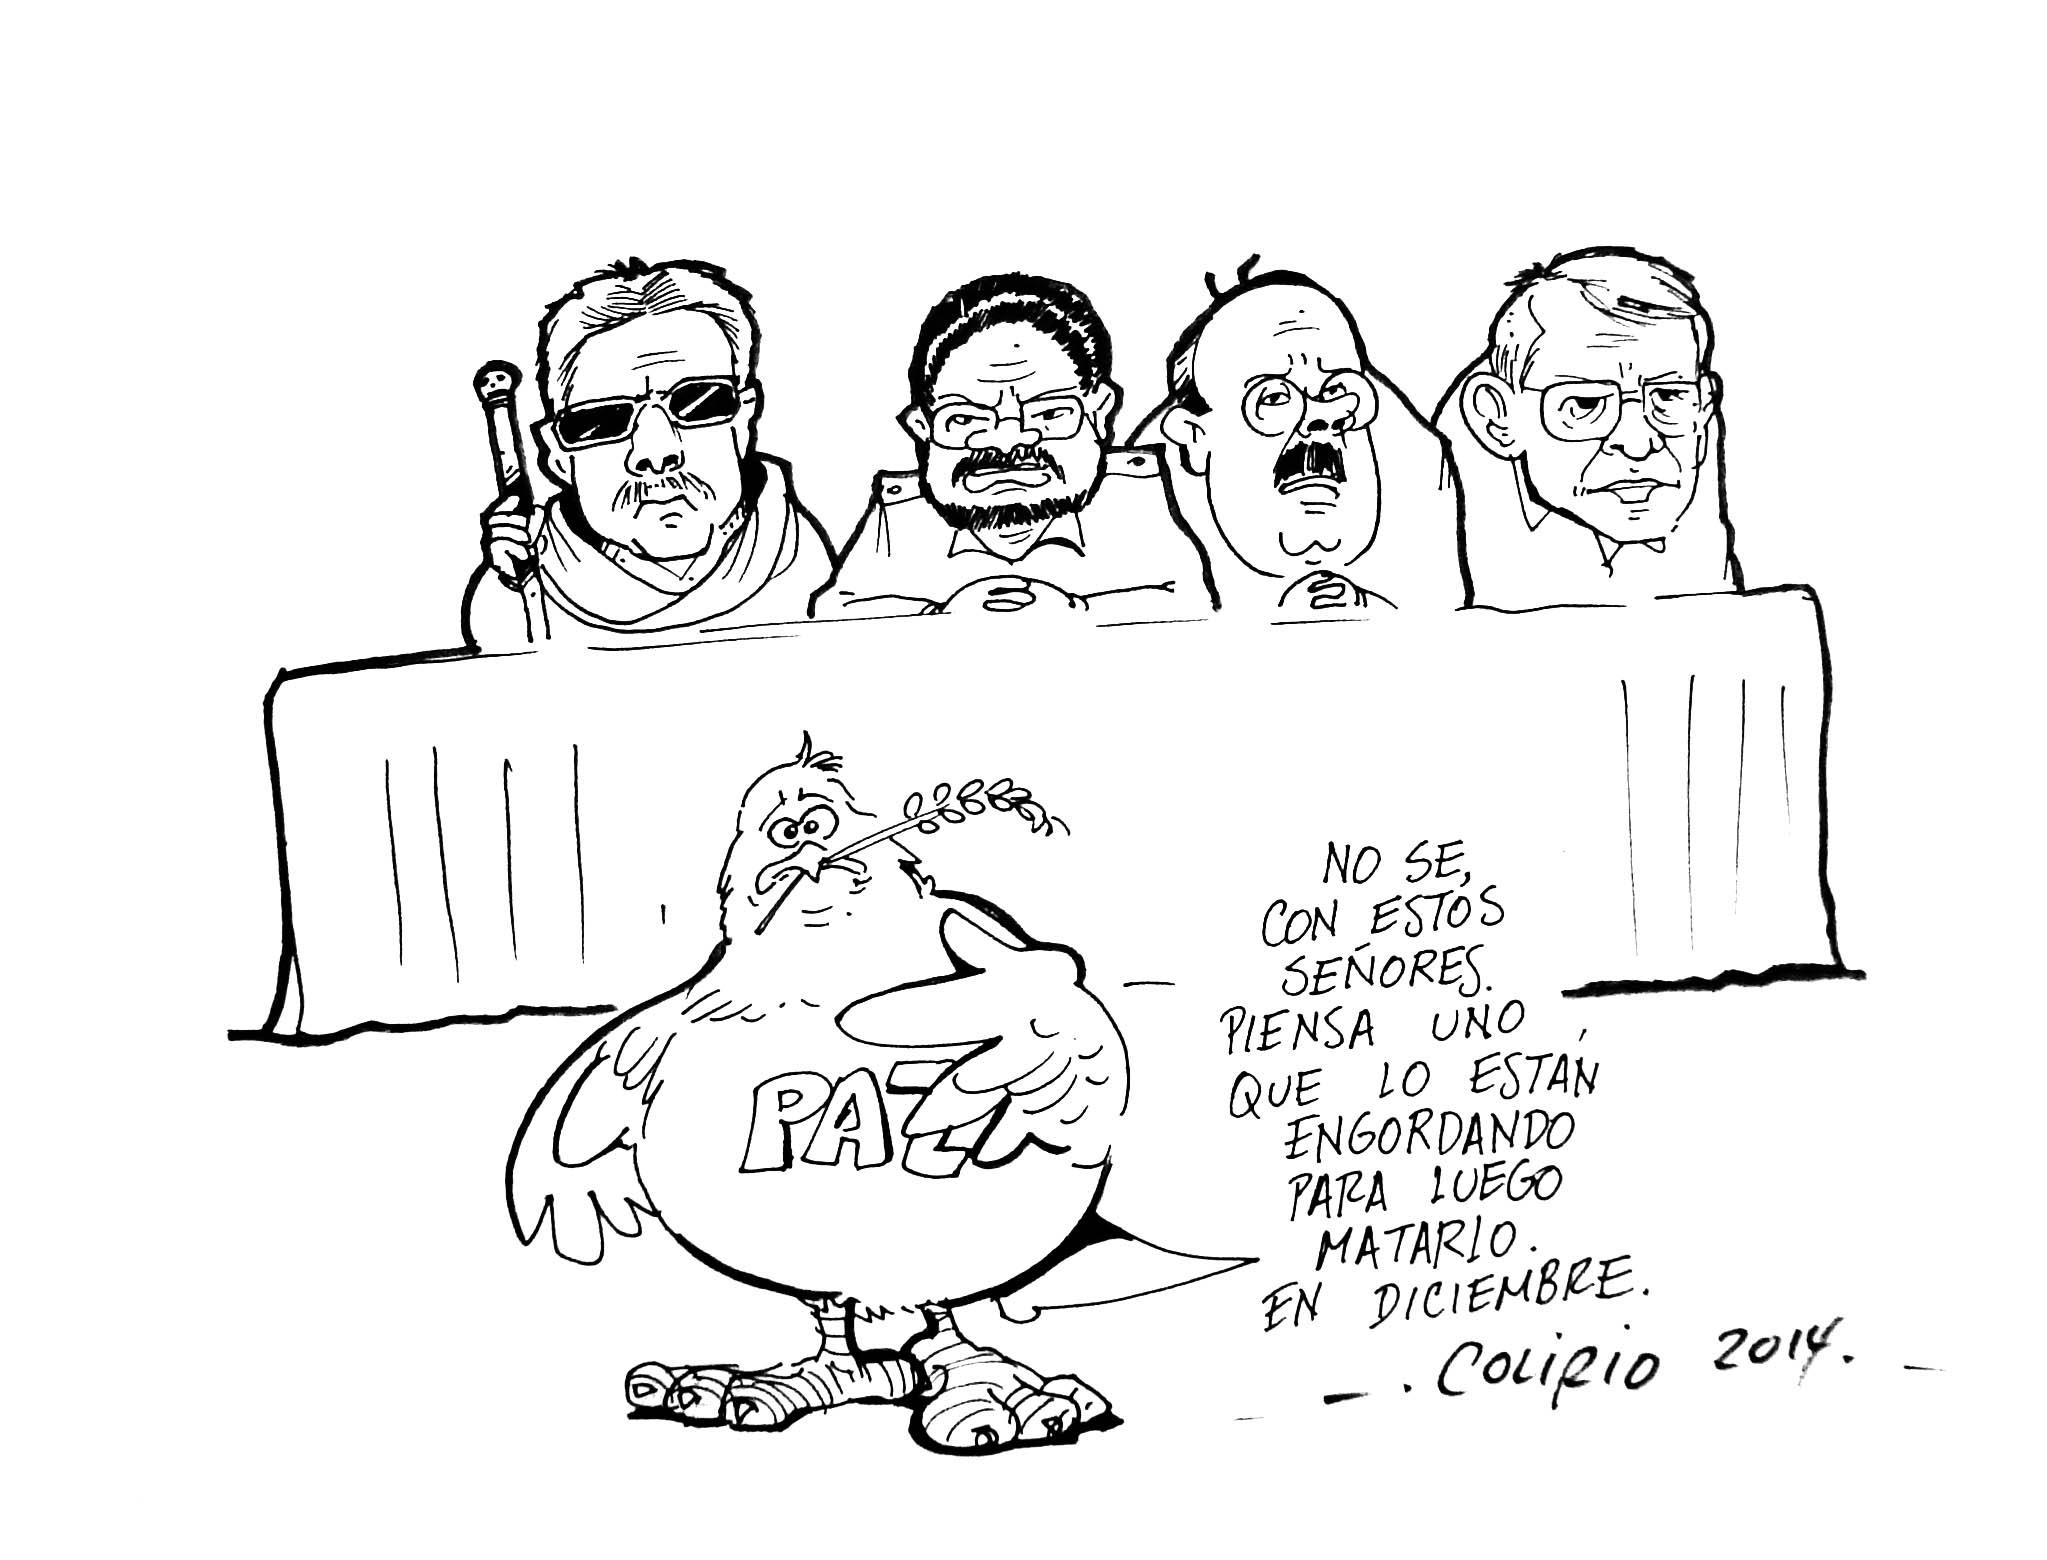 carica viernes 24 de octubre de 2014